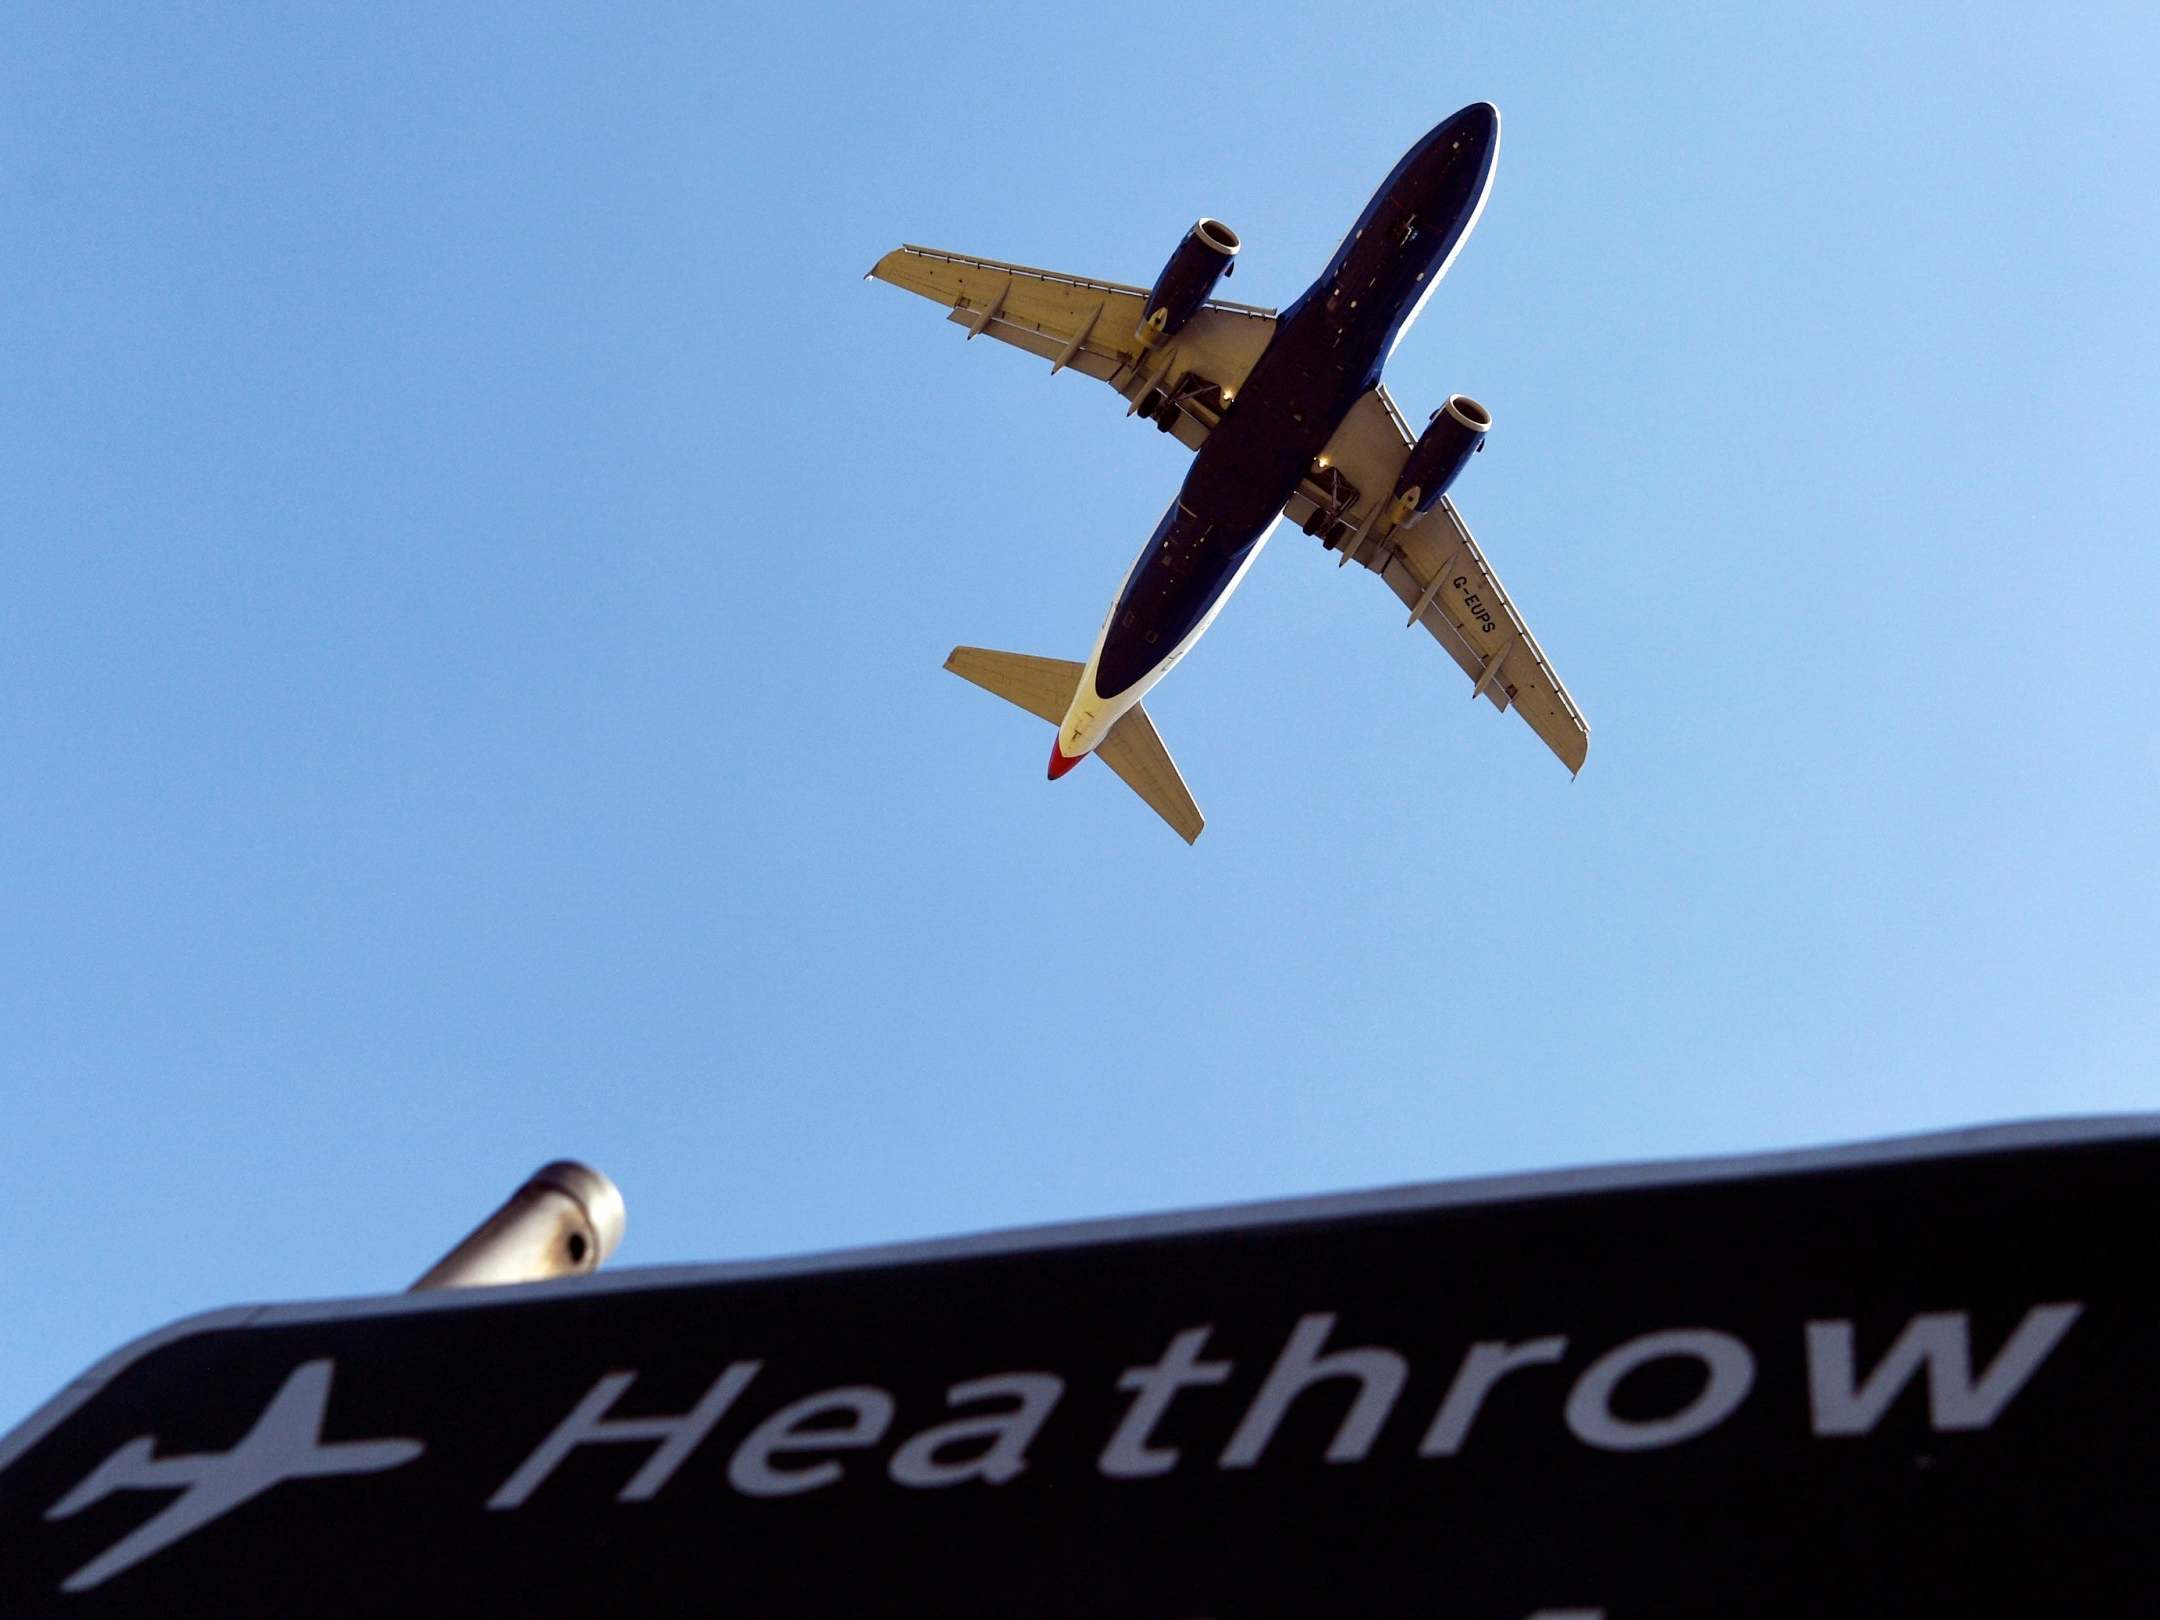 Coronavirus: UK airports 'will shut down within weeks' without ...